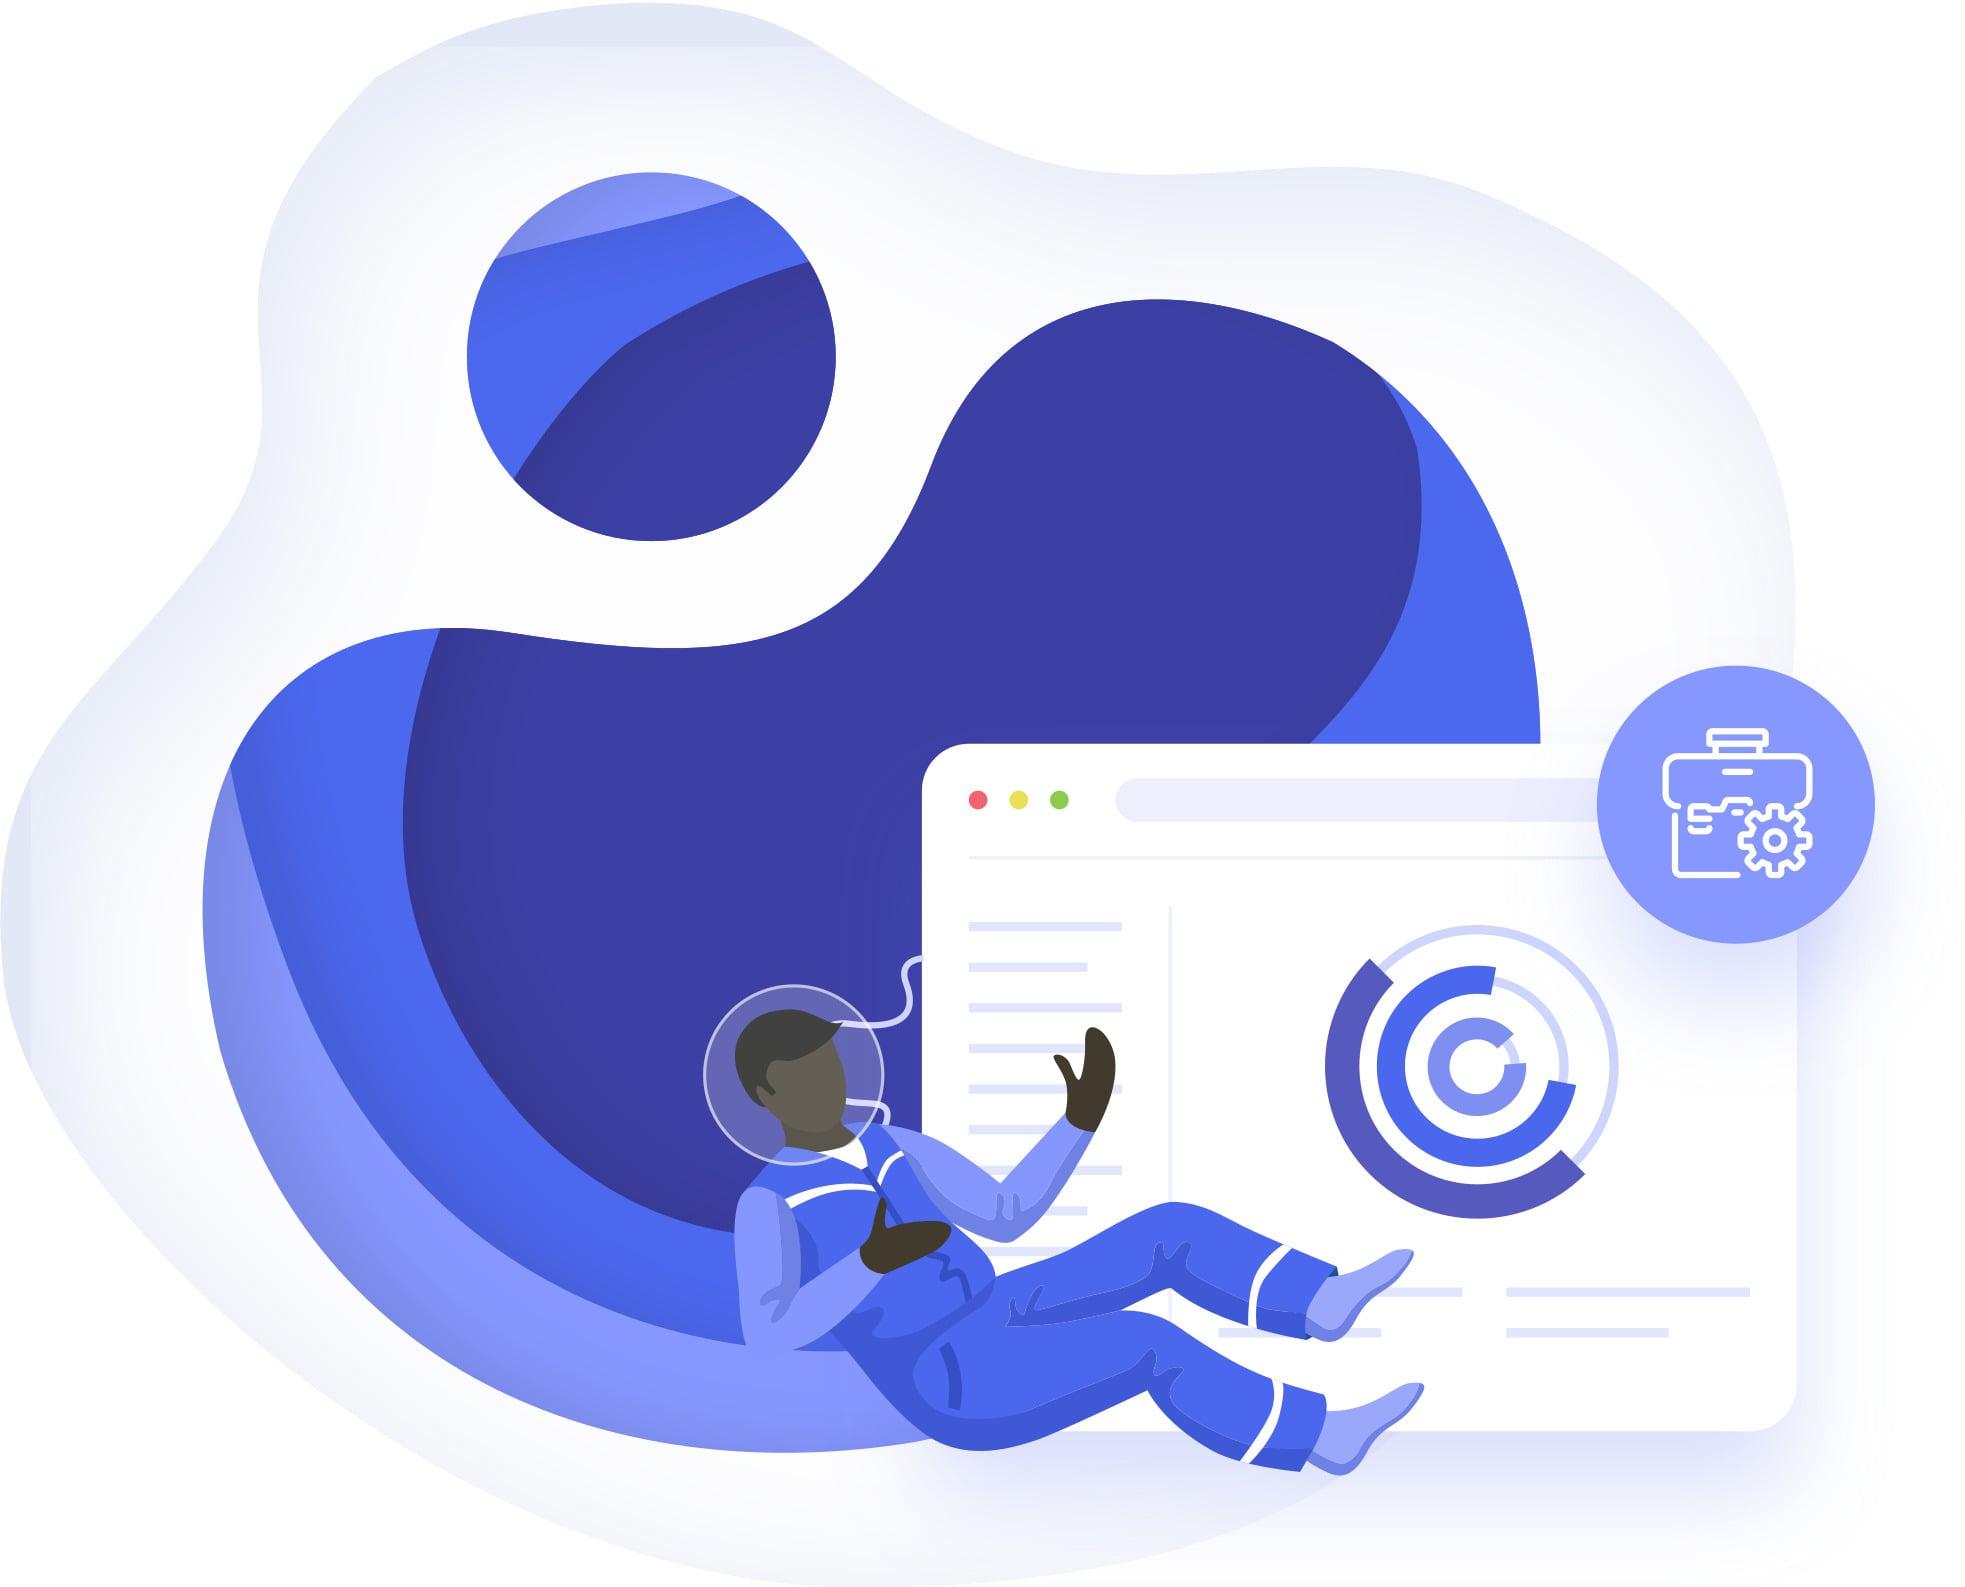 emailmarketing segments